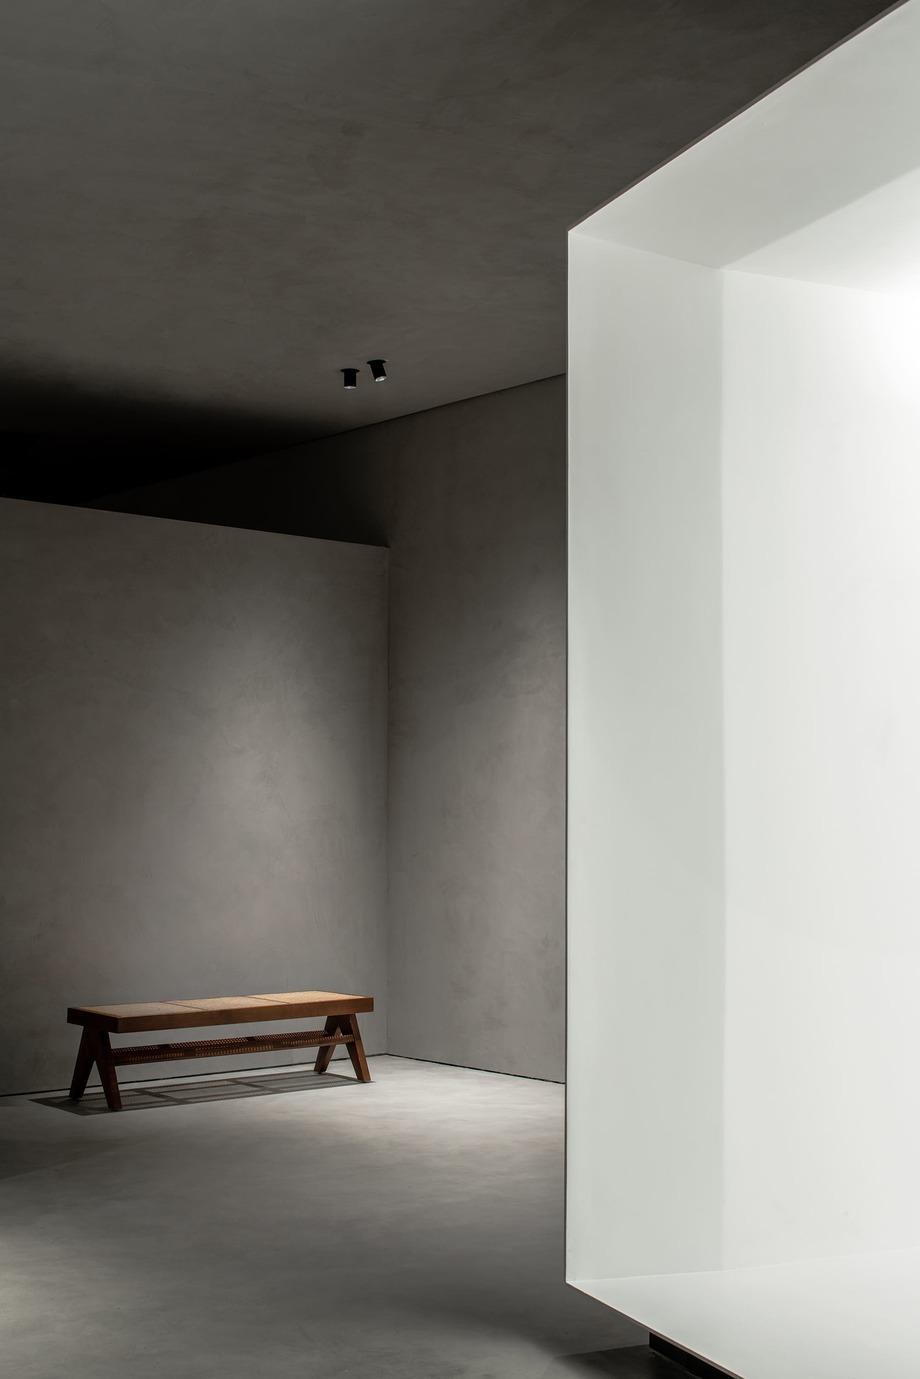 showroom de jst architecture (7) - foto he chuan